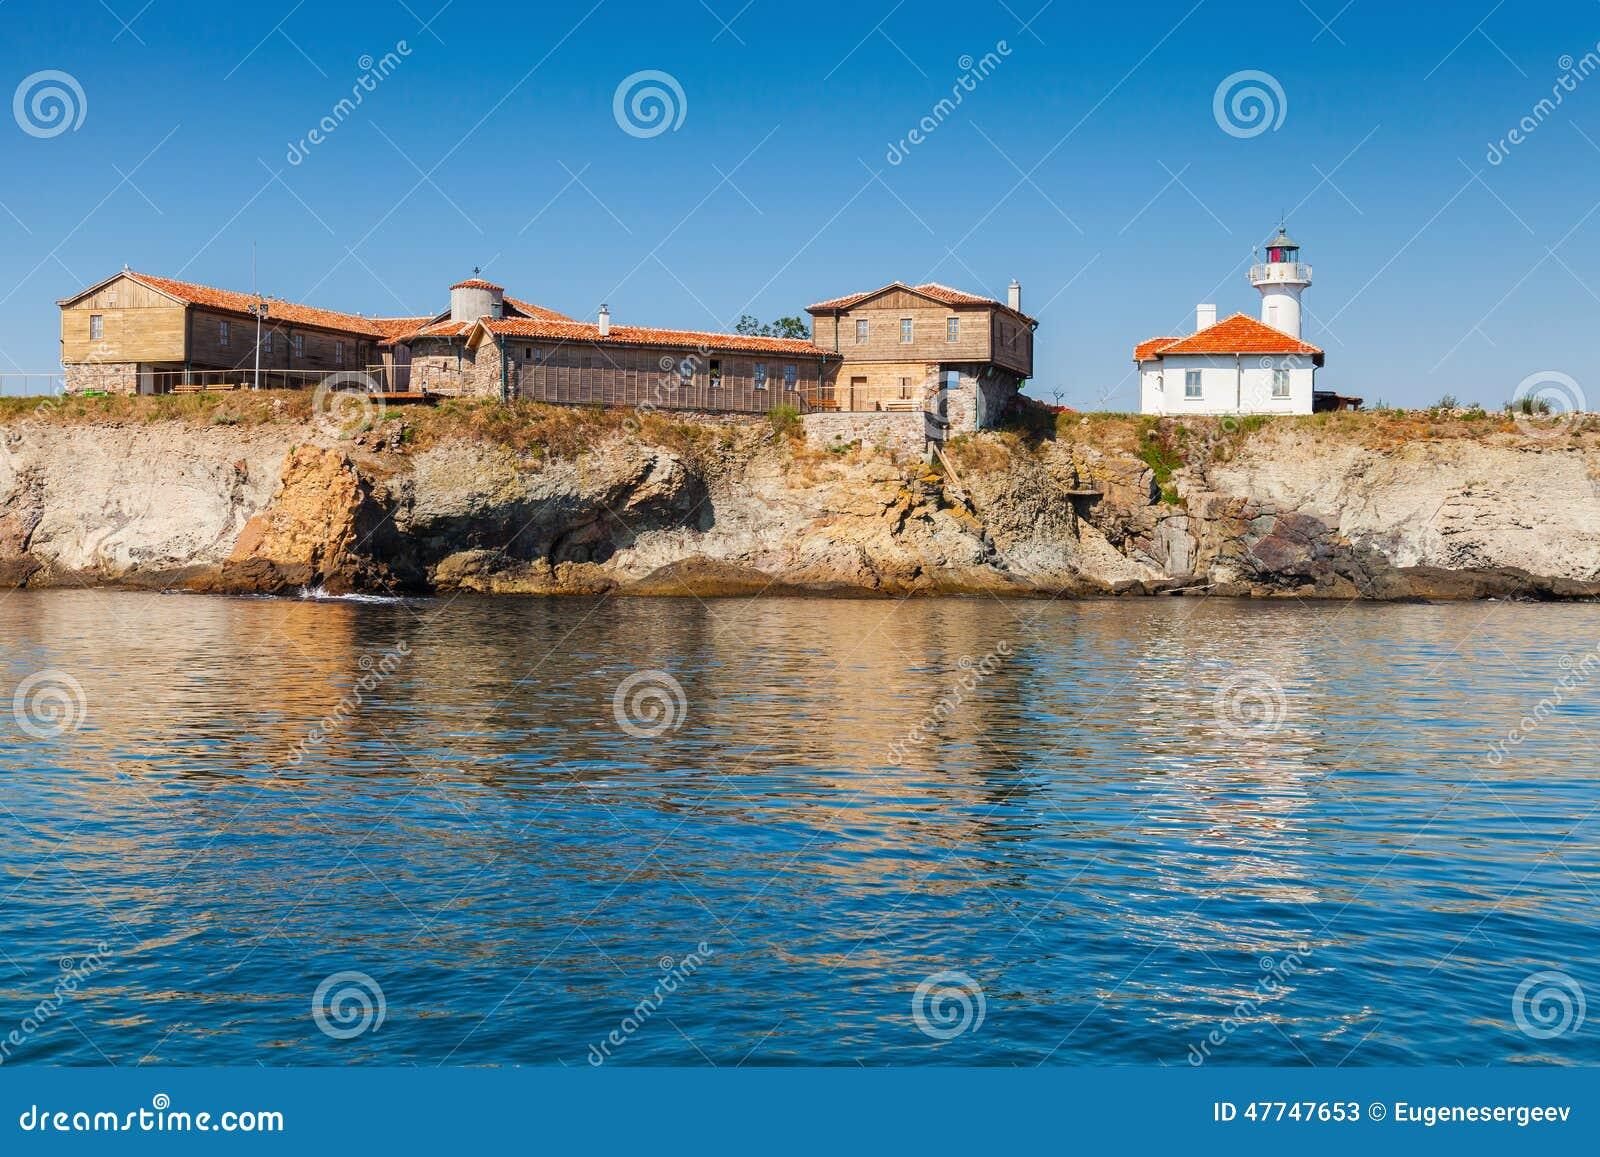 Leuchtturm und alte hölzerne Gebäude auf Insel